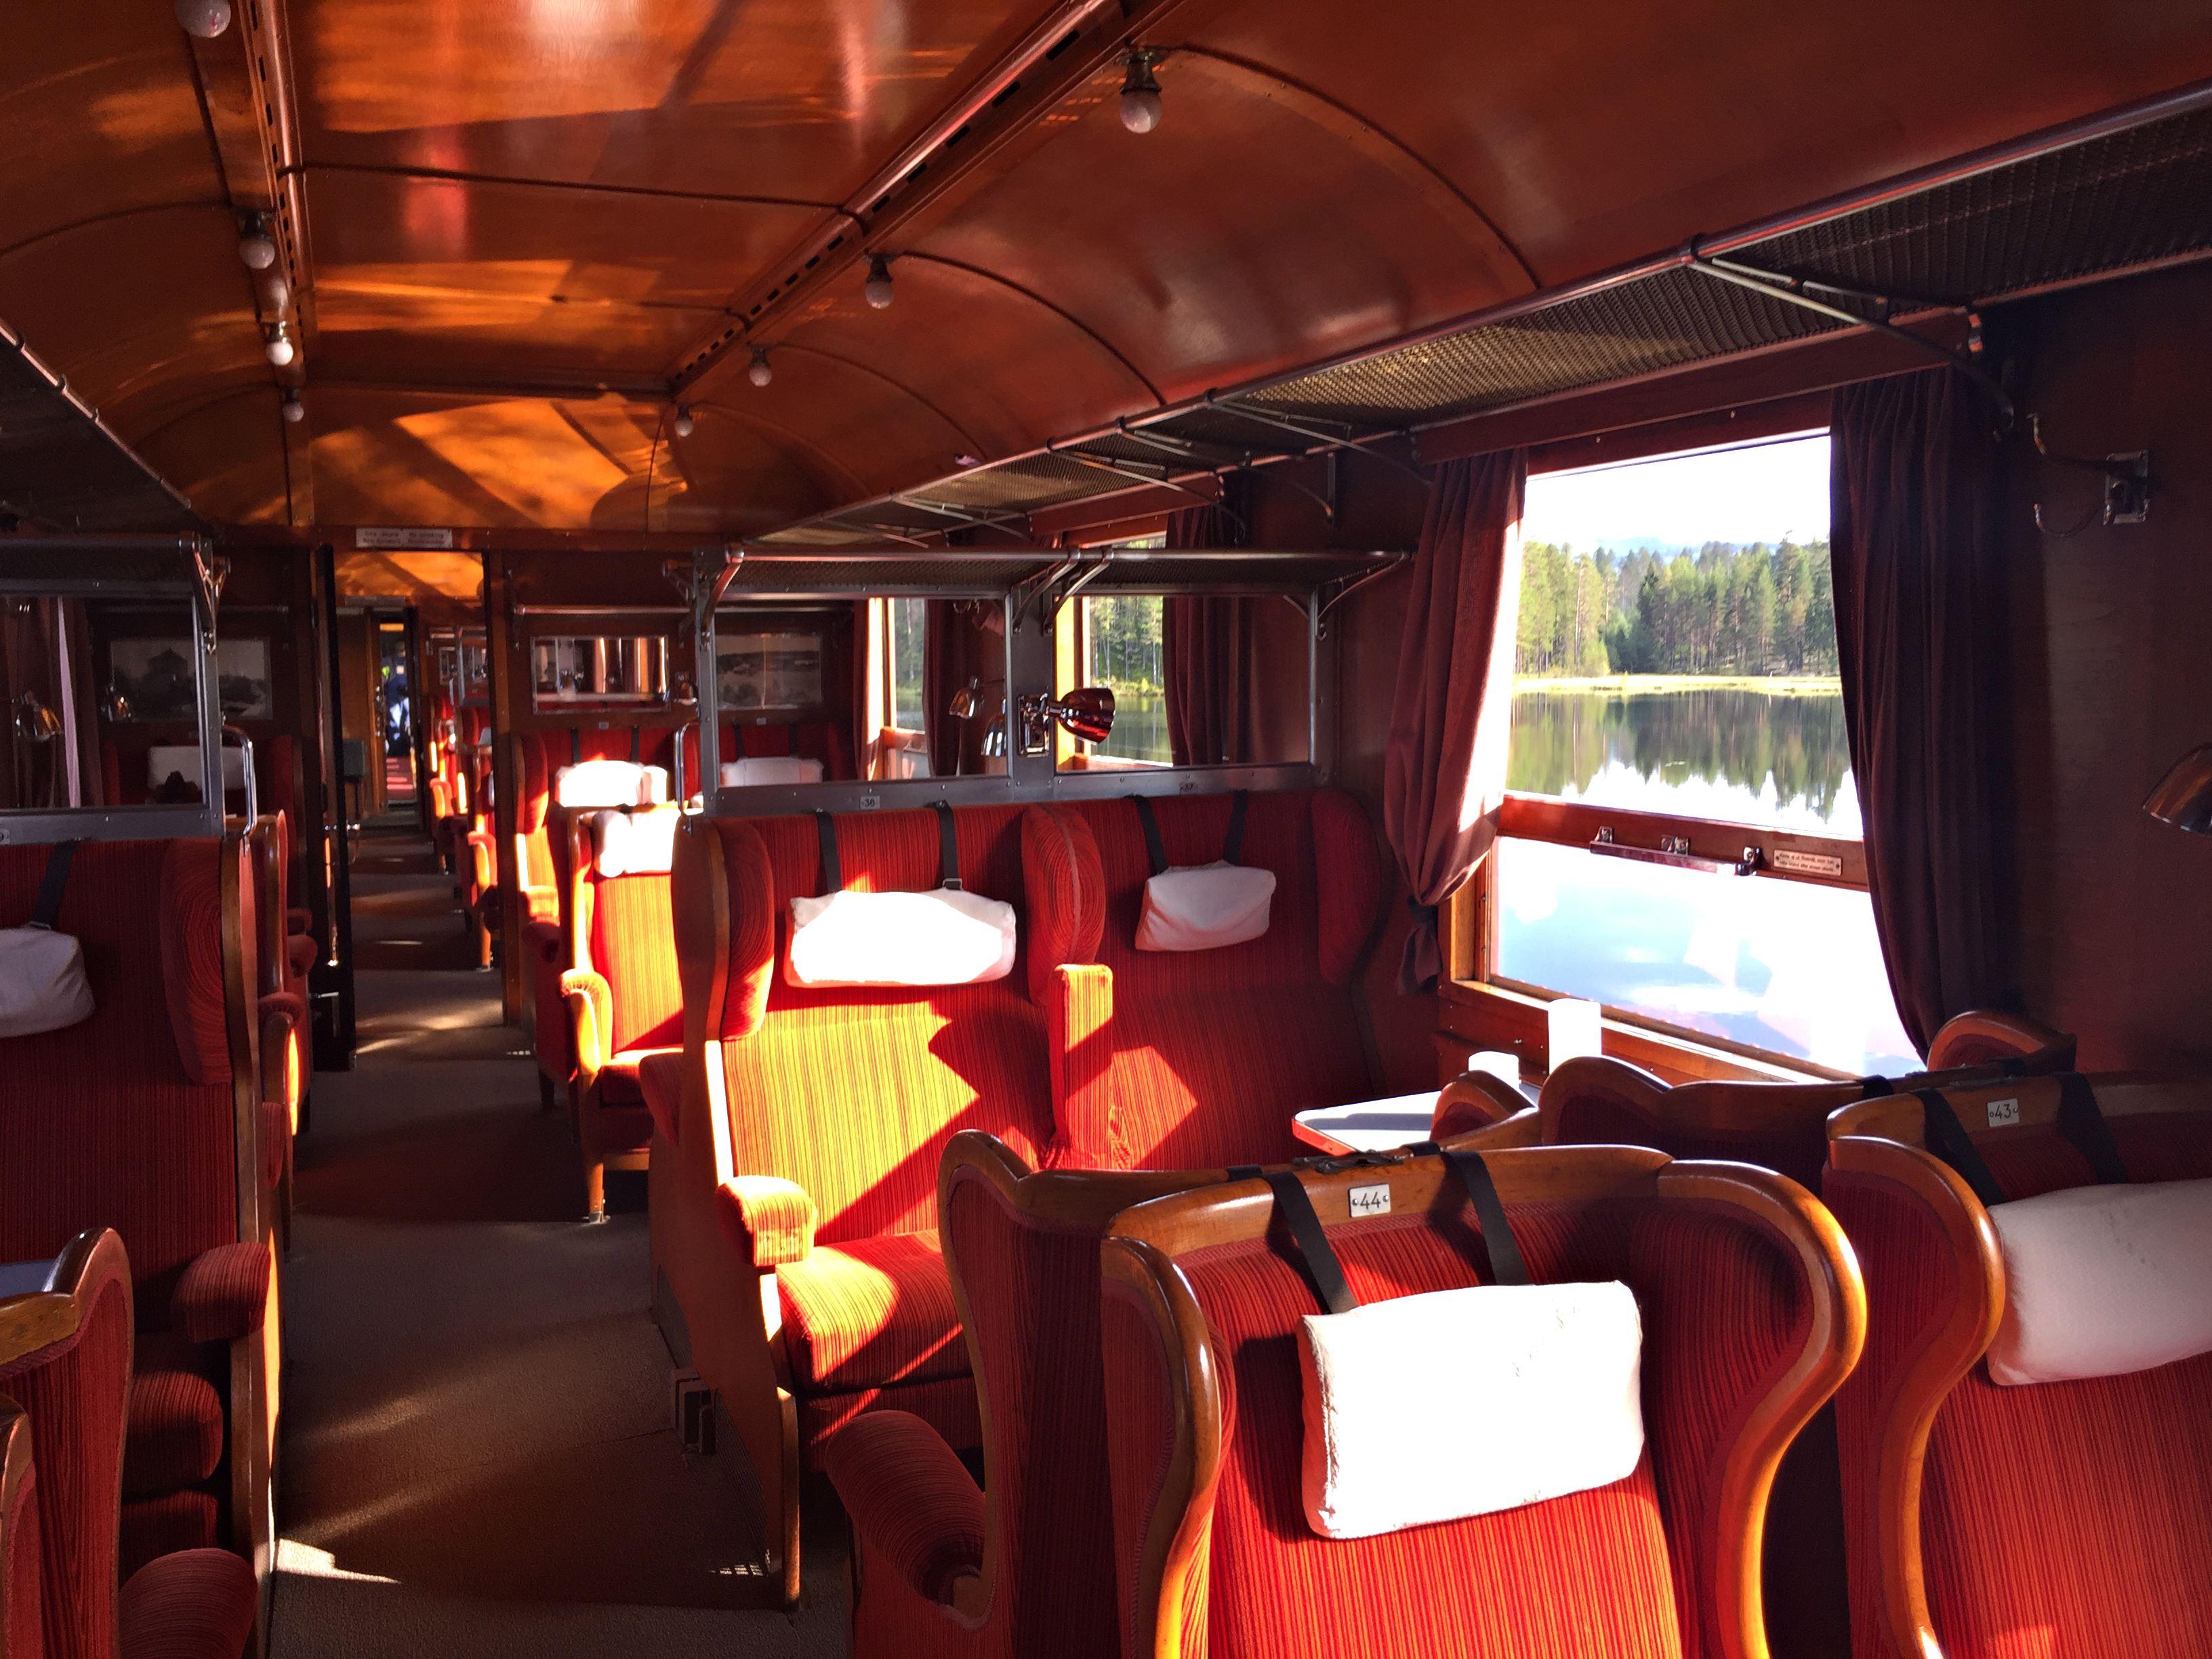 © Järnvägsmuseet, Res i stil med våra historiska tåg